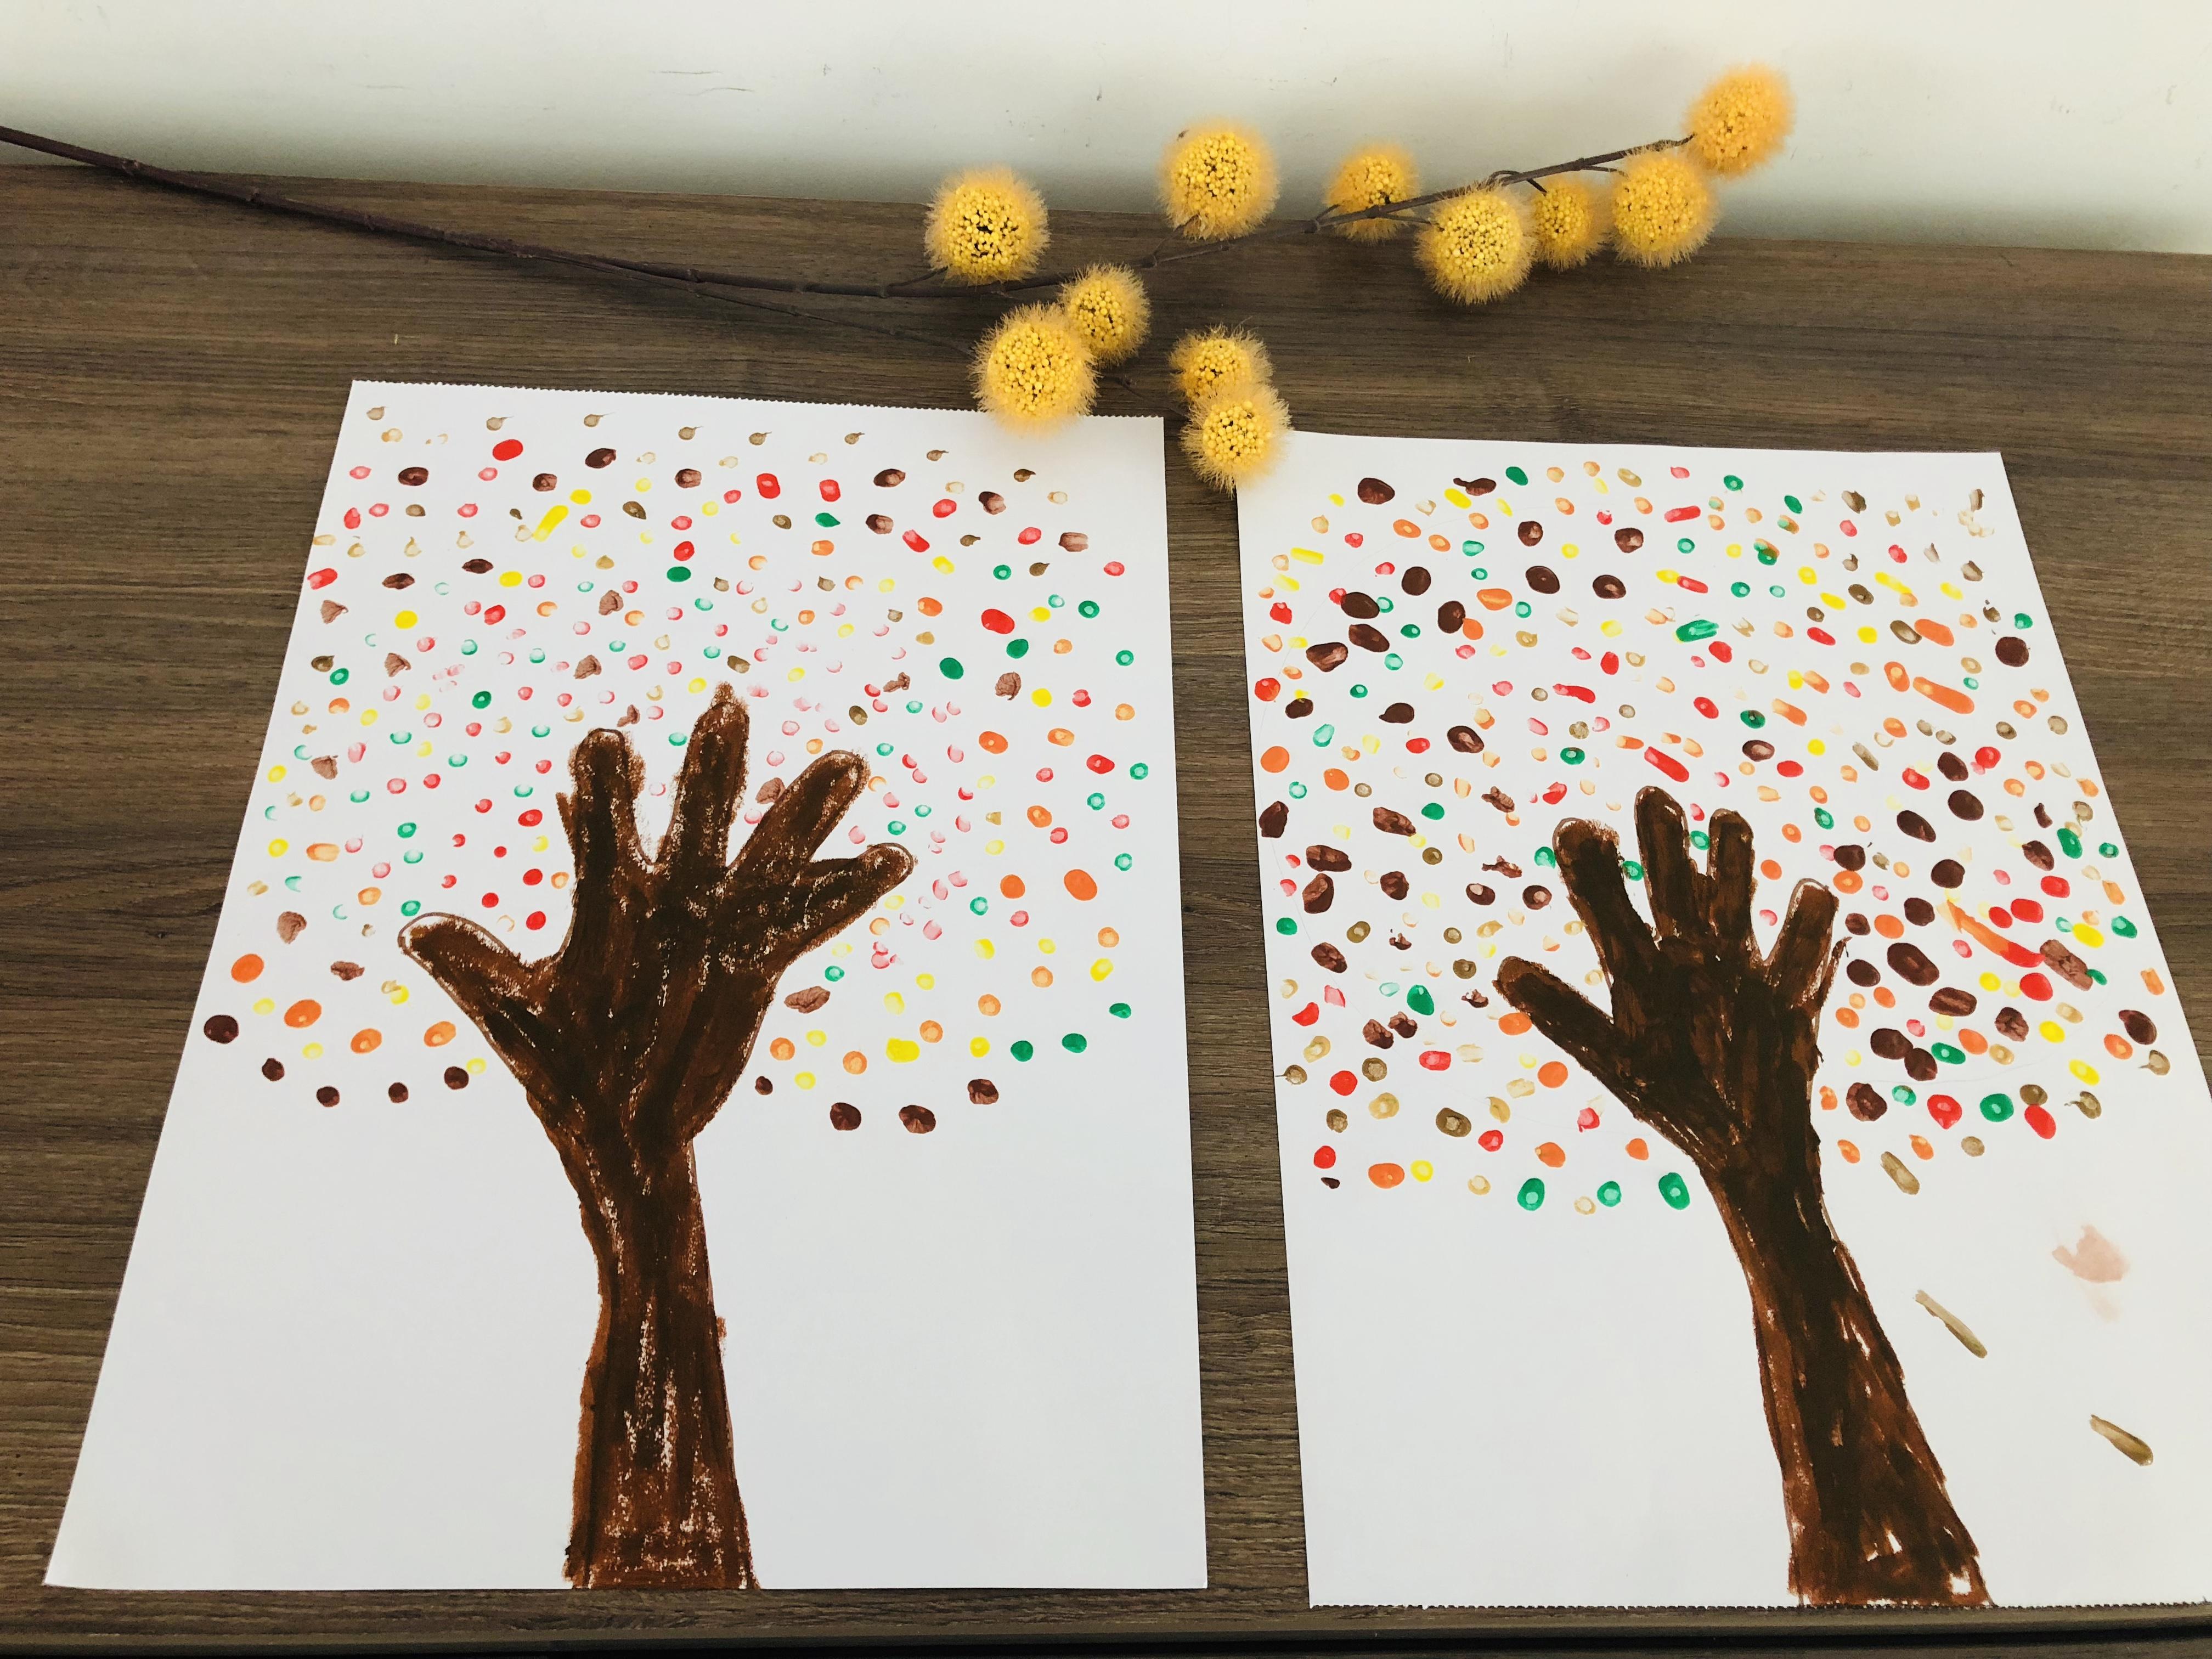 Fonkelnieuw Herfstboom maken - Thema herfst knutselen | PinGetest PG-04